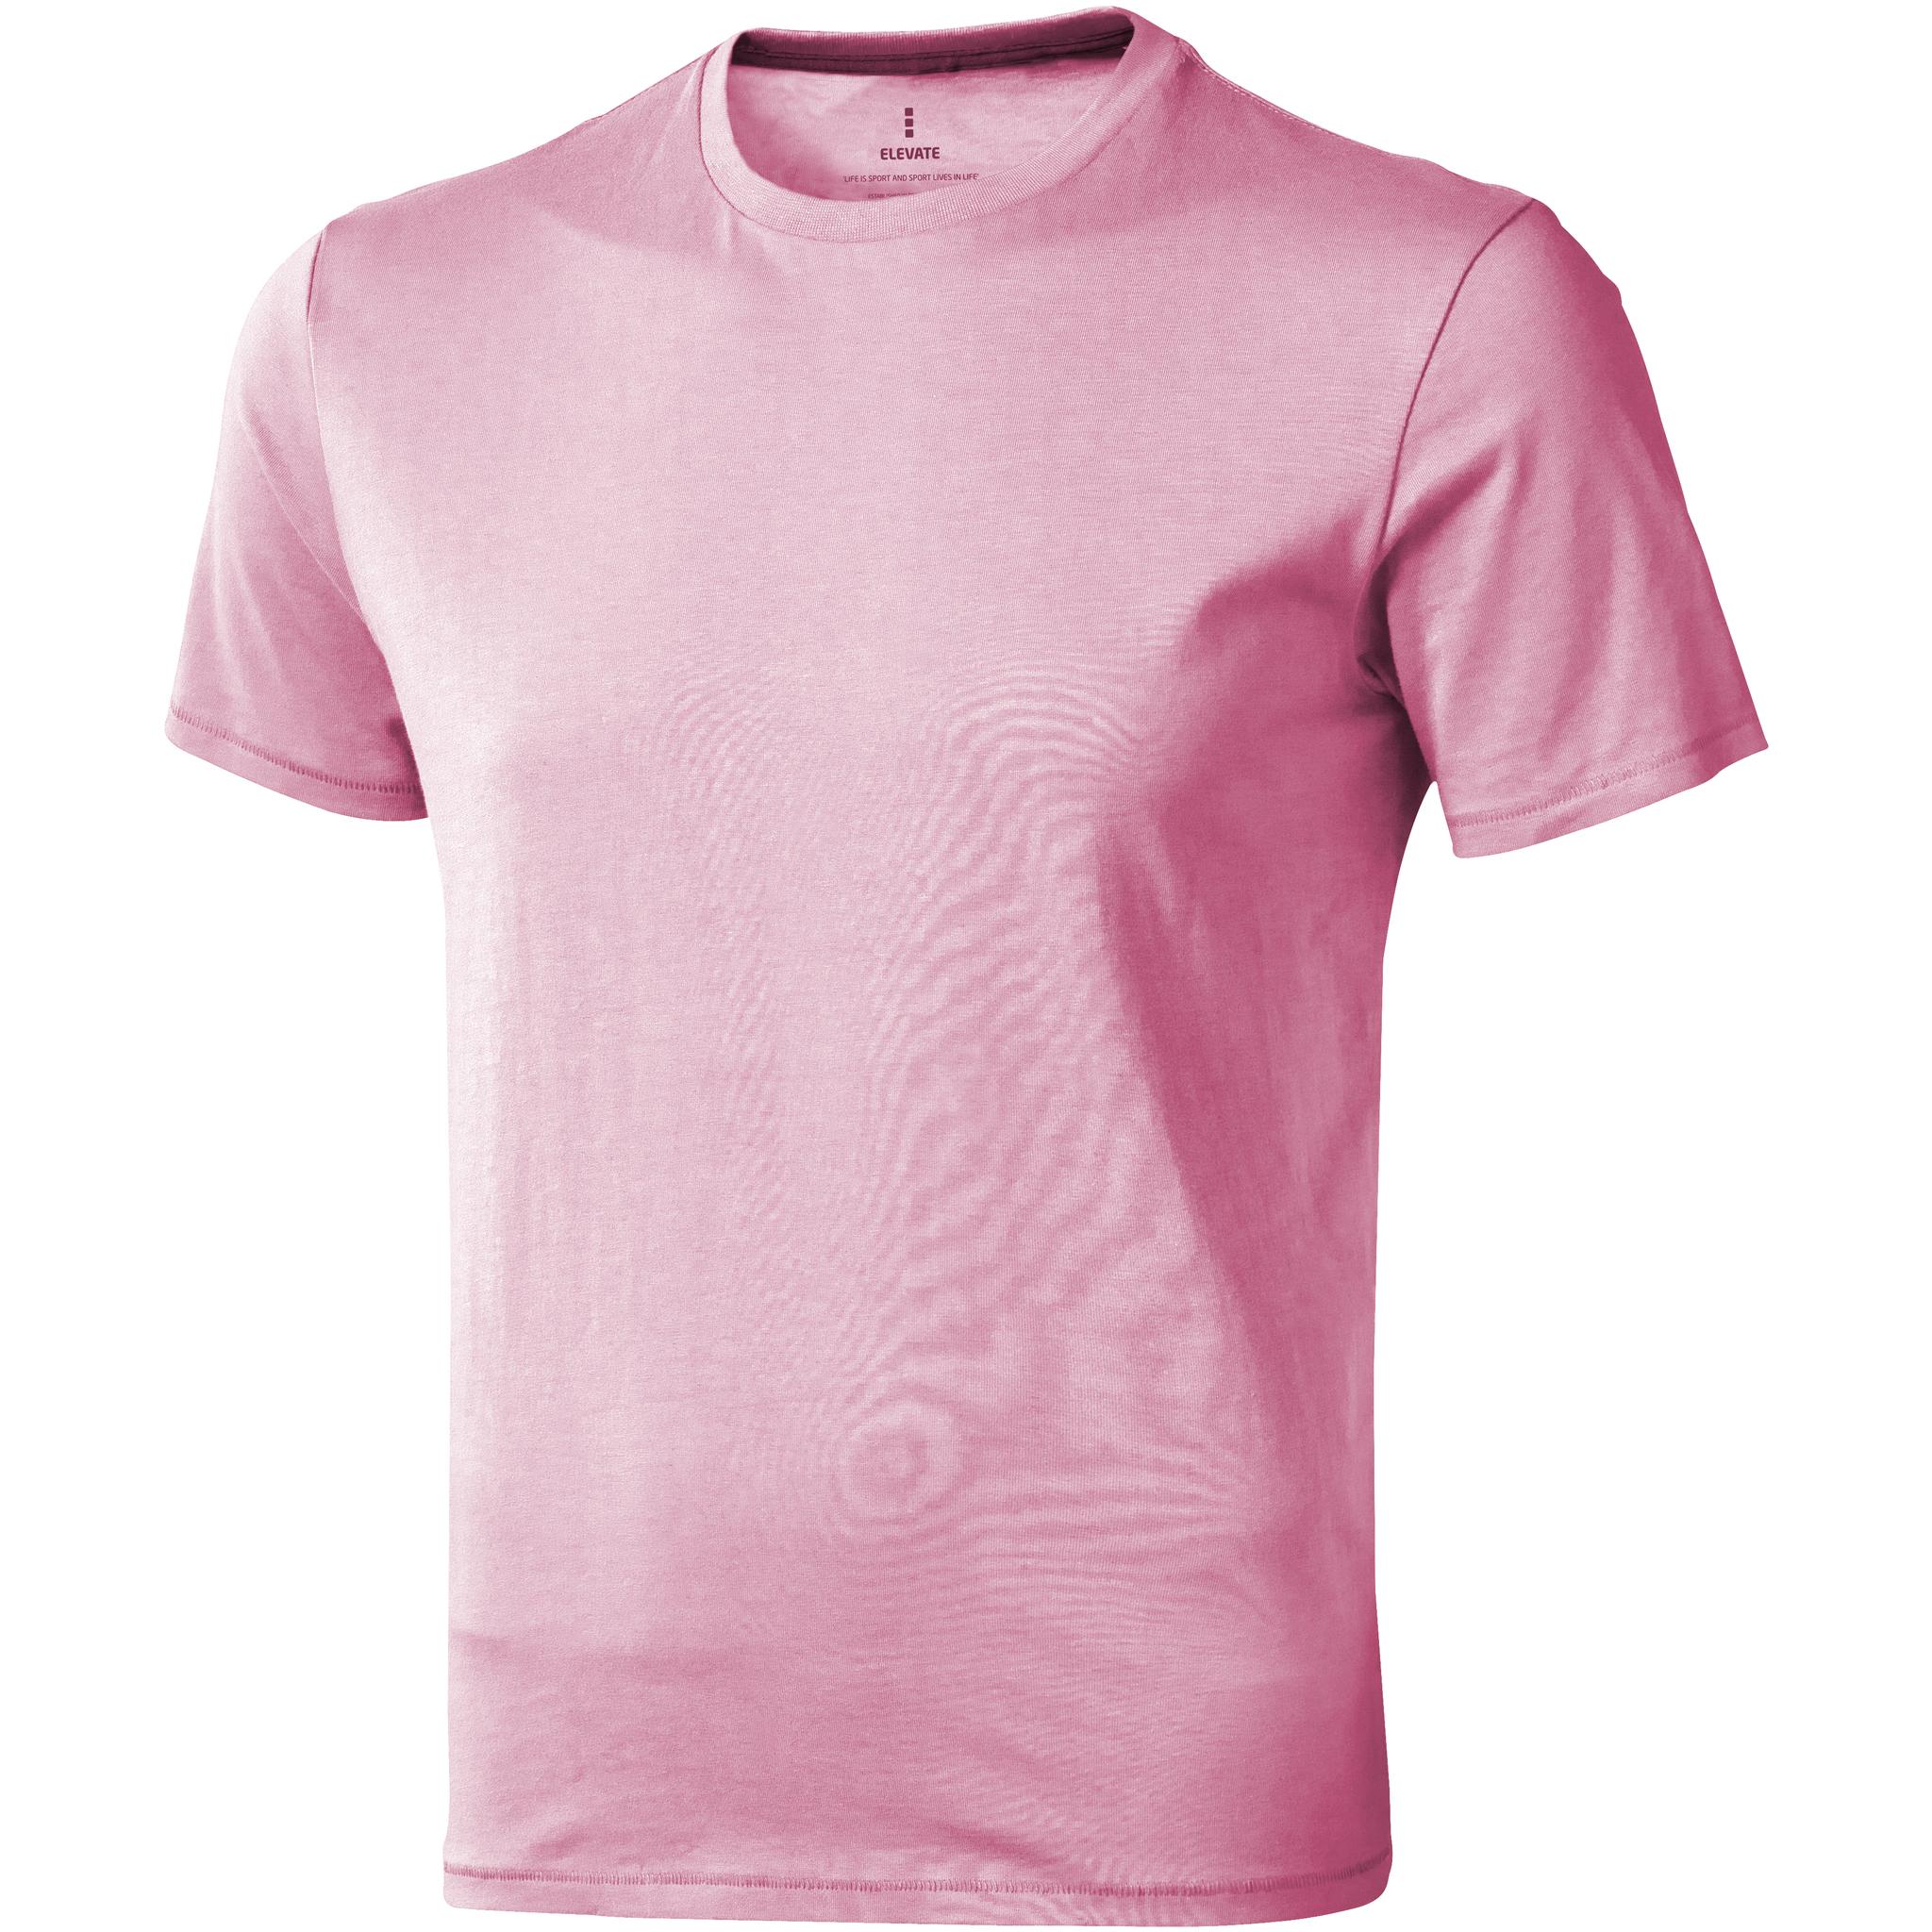 Elevate-Mens-Nanaimo-Short-Sleeve-T-Shirt-PF1807 thumbnail 6